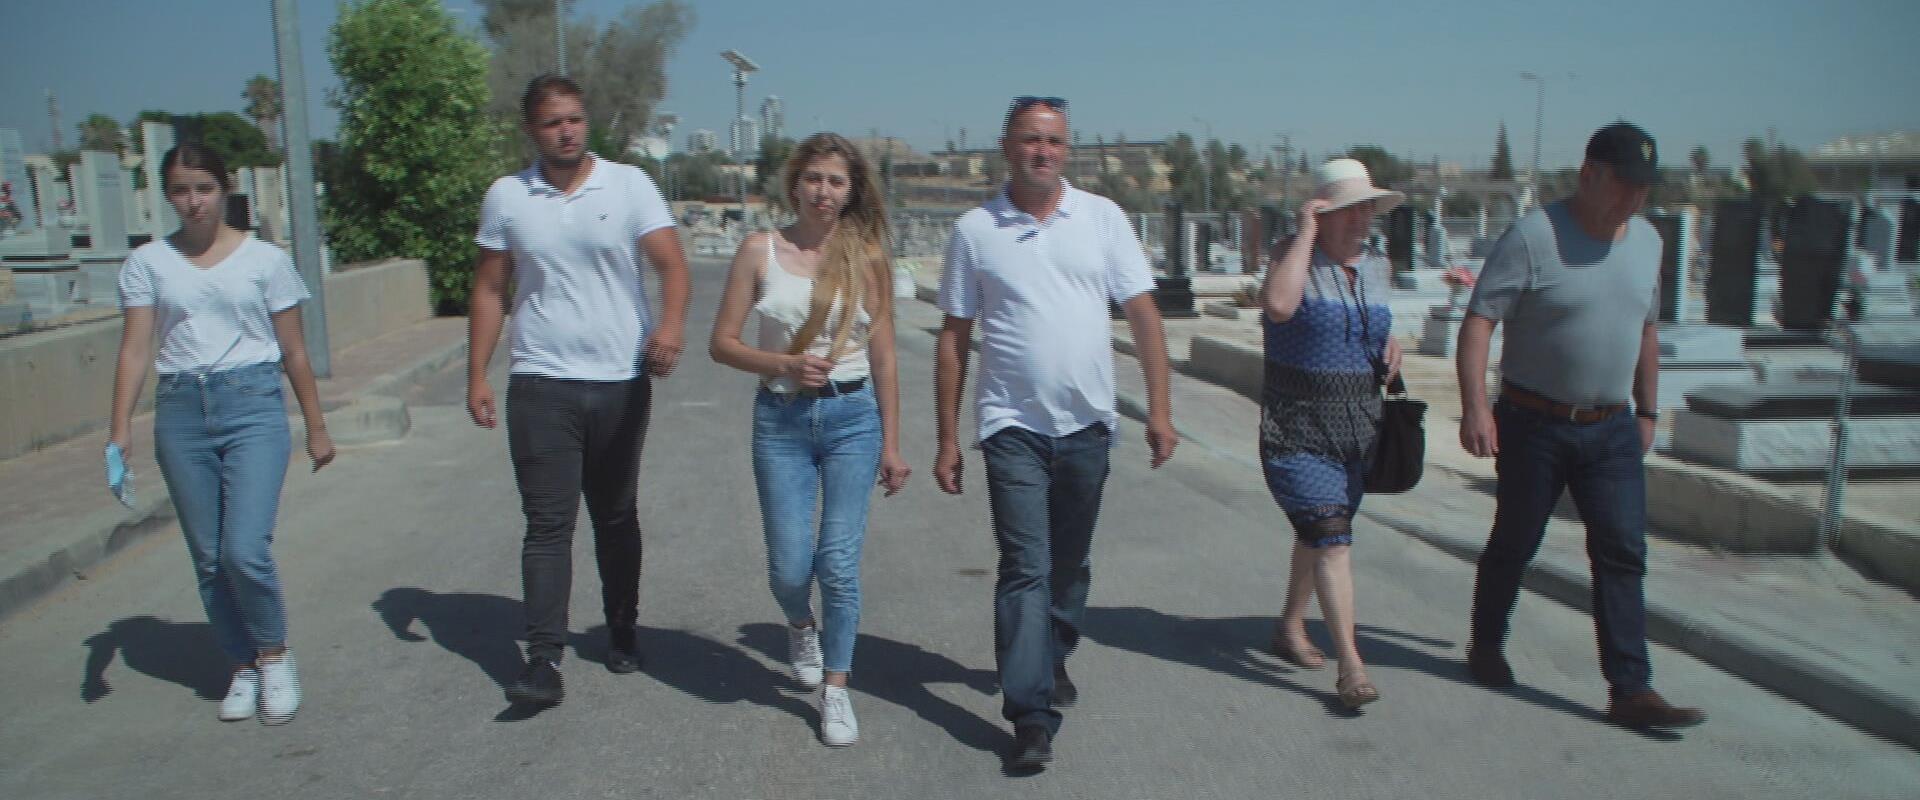 משפחתו של פיוטר סנביץ'